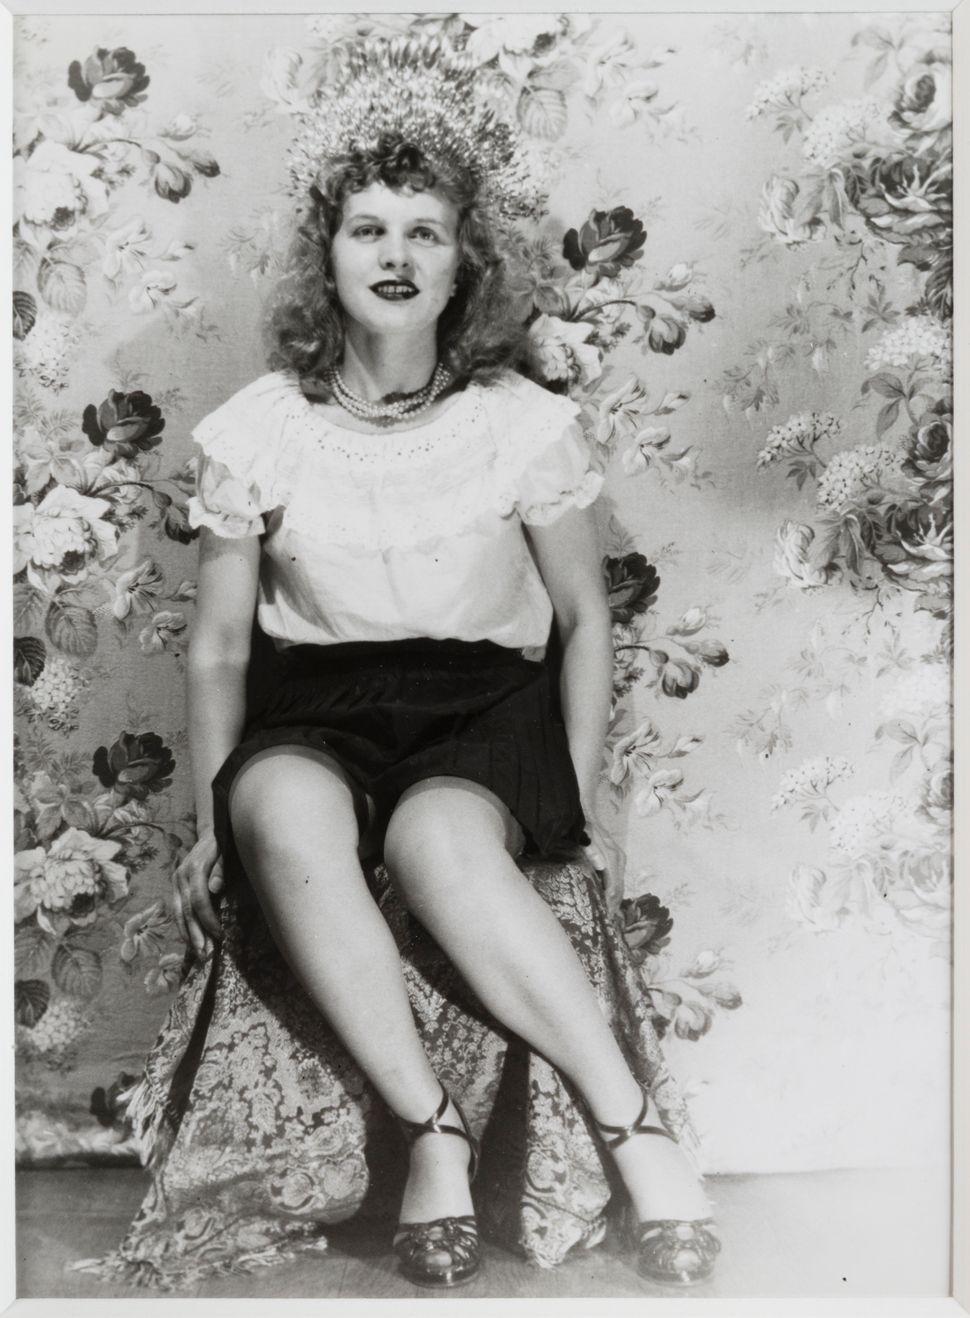 """Eugene Von Bruenchenhein, """"Untitled (Crown with black skirt and ruffle top),"""" 1940s, gelatin silver print."""